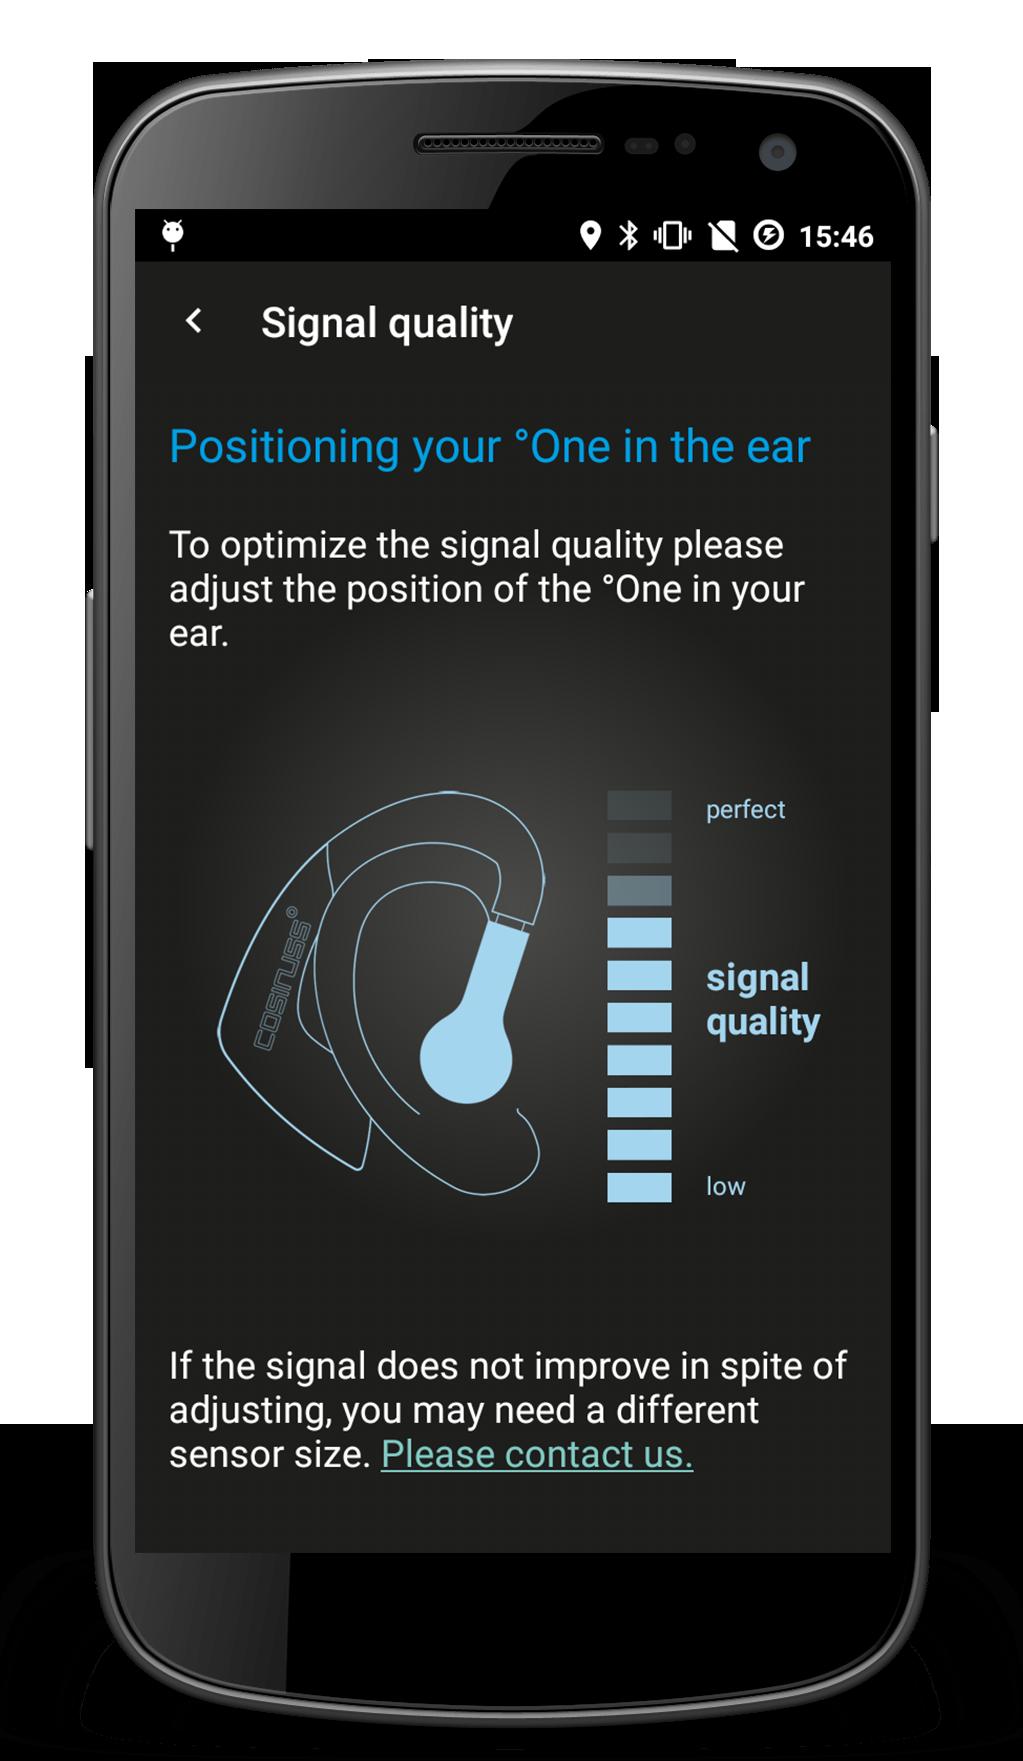 Beobachte den richtigen Sitz und die Messung des Puls-Sensors im Ohr